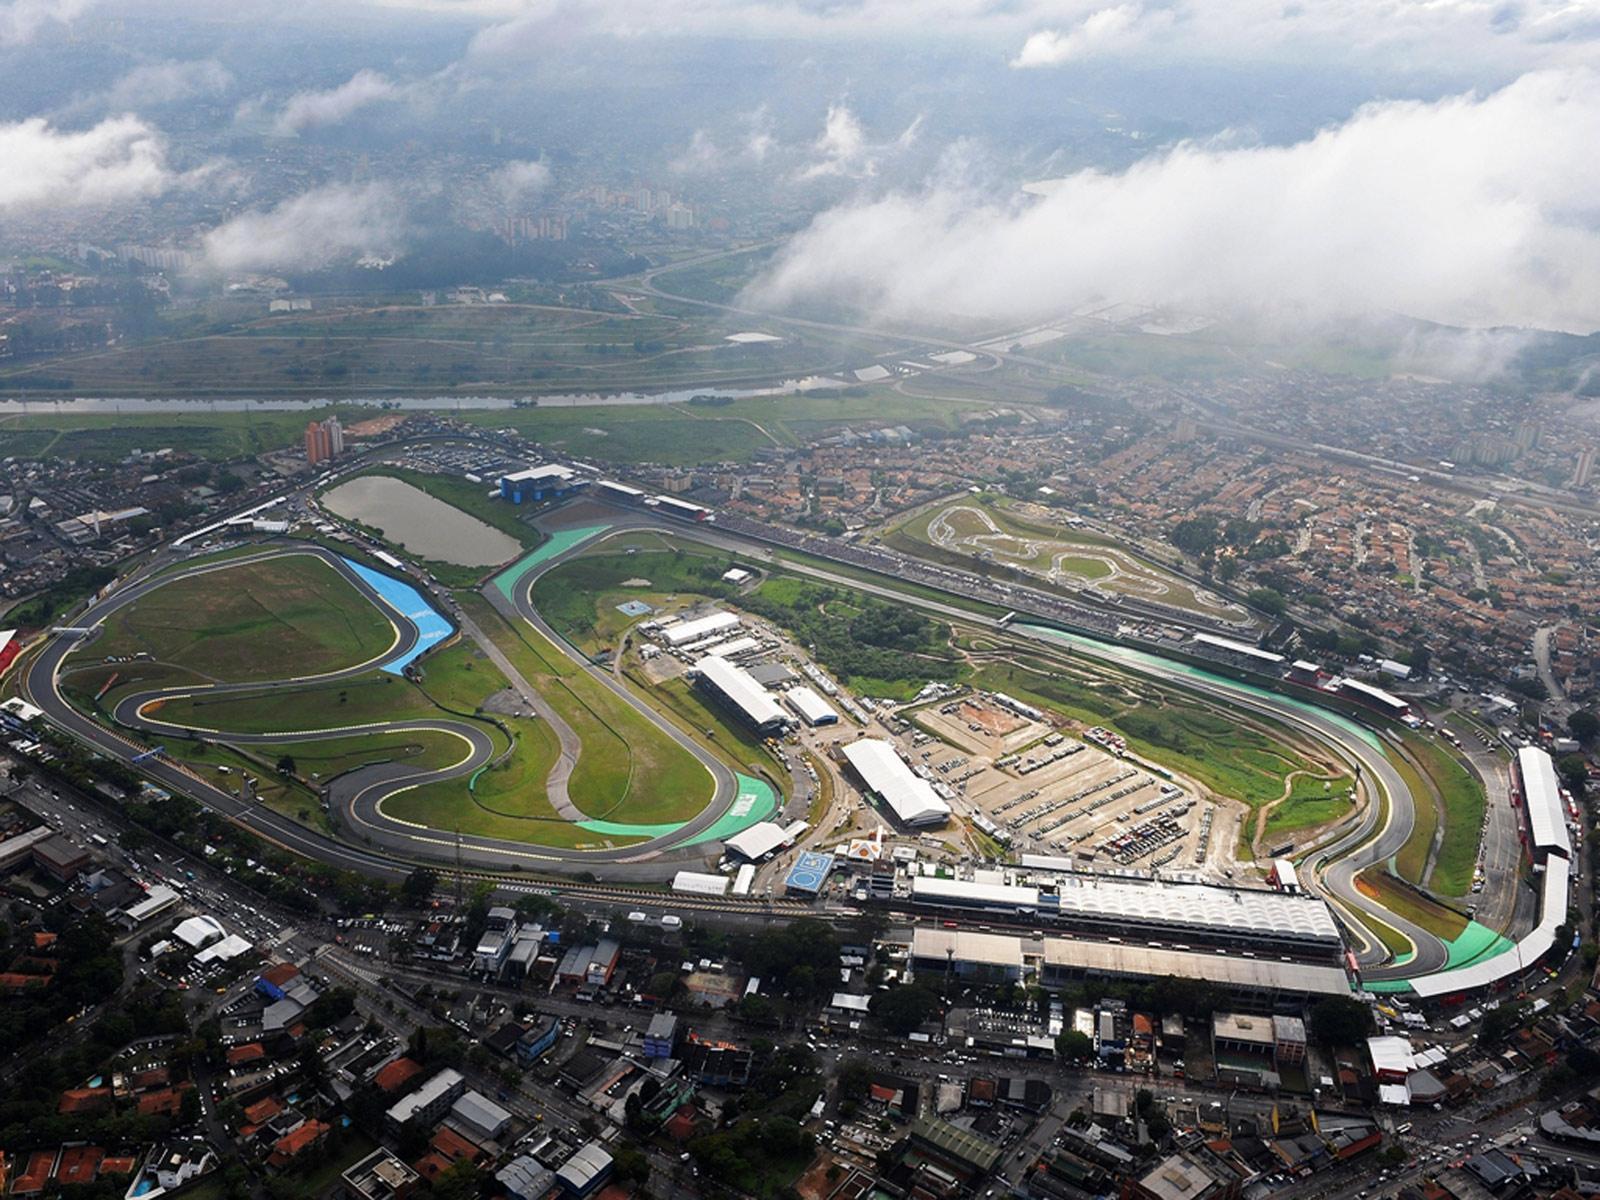 Circuito Vehiculos : Top los circuitos de carreras más importantes del